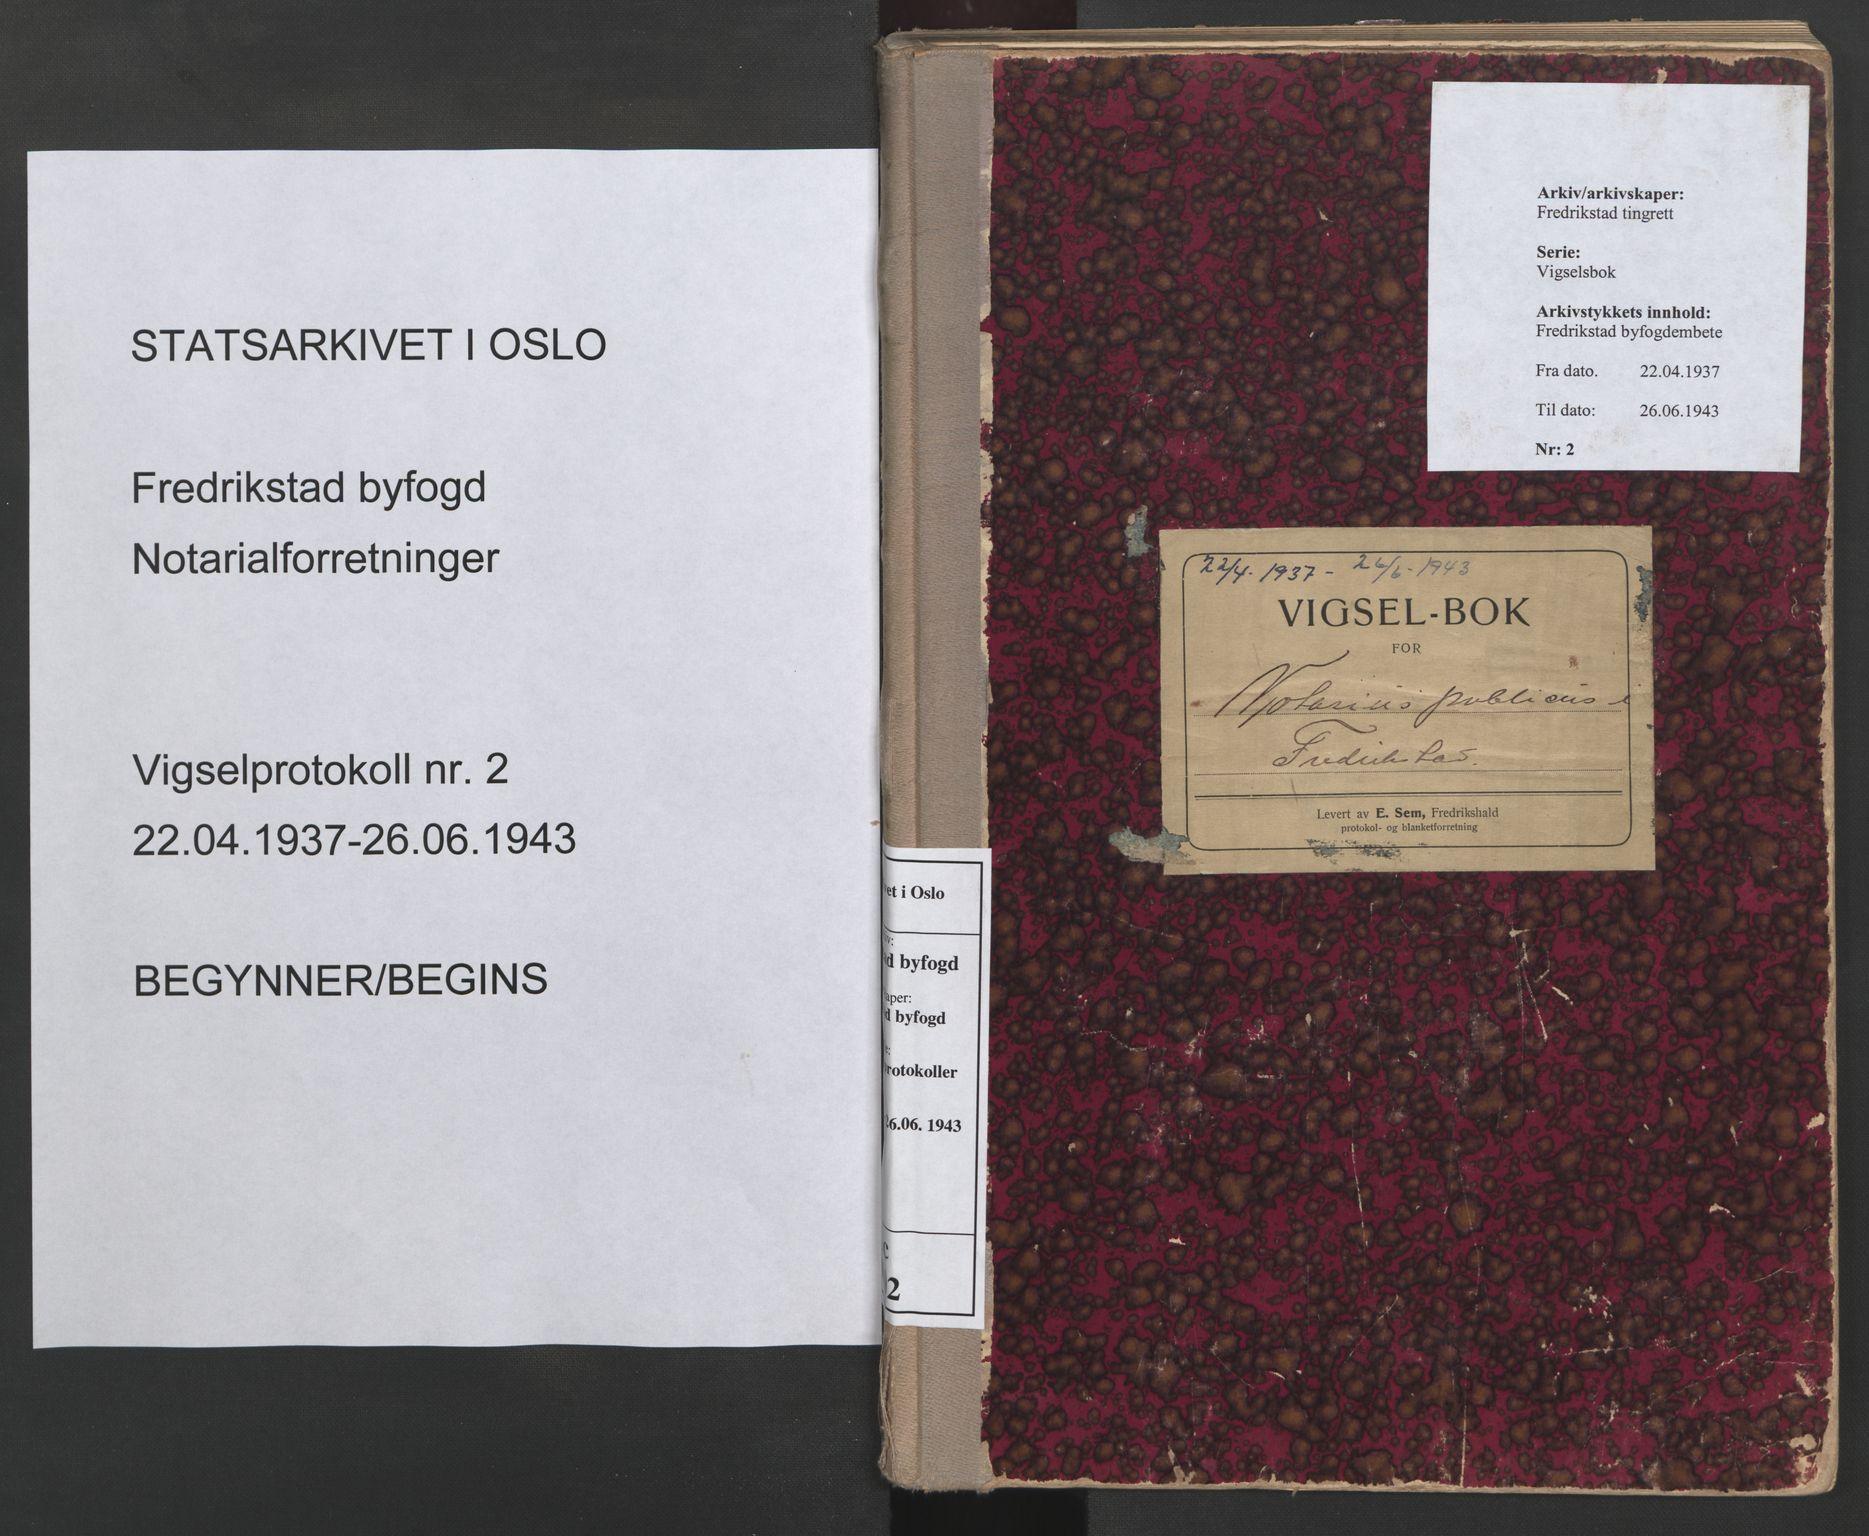 SAO, Fredrikstad byfogd, L/Lc/L0002: Vigselsbok, 1937-1943, s. upaginert